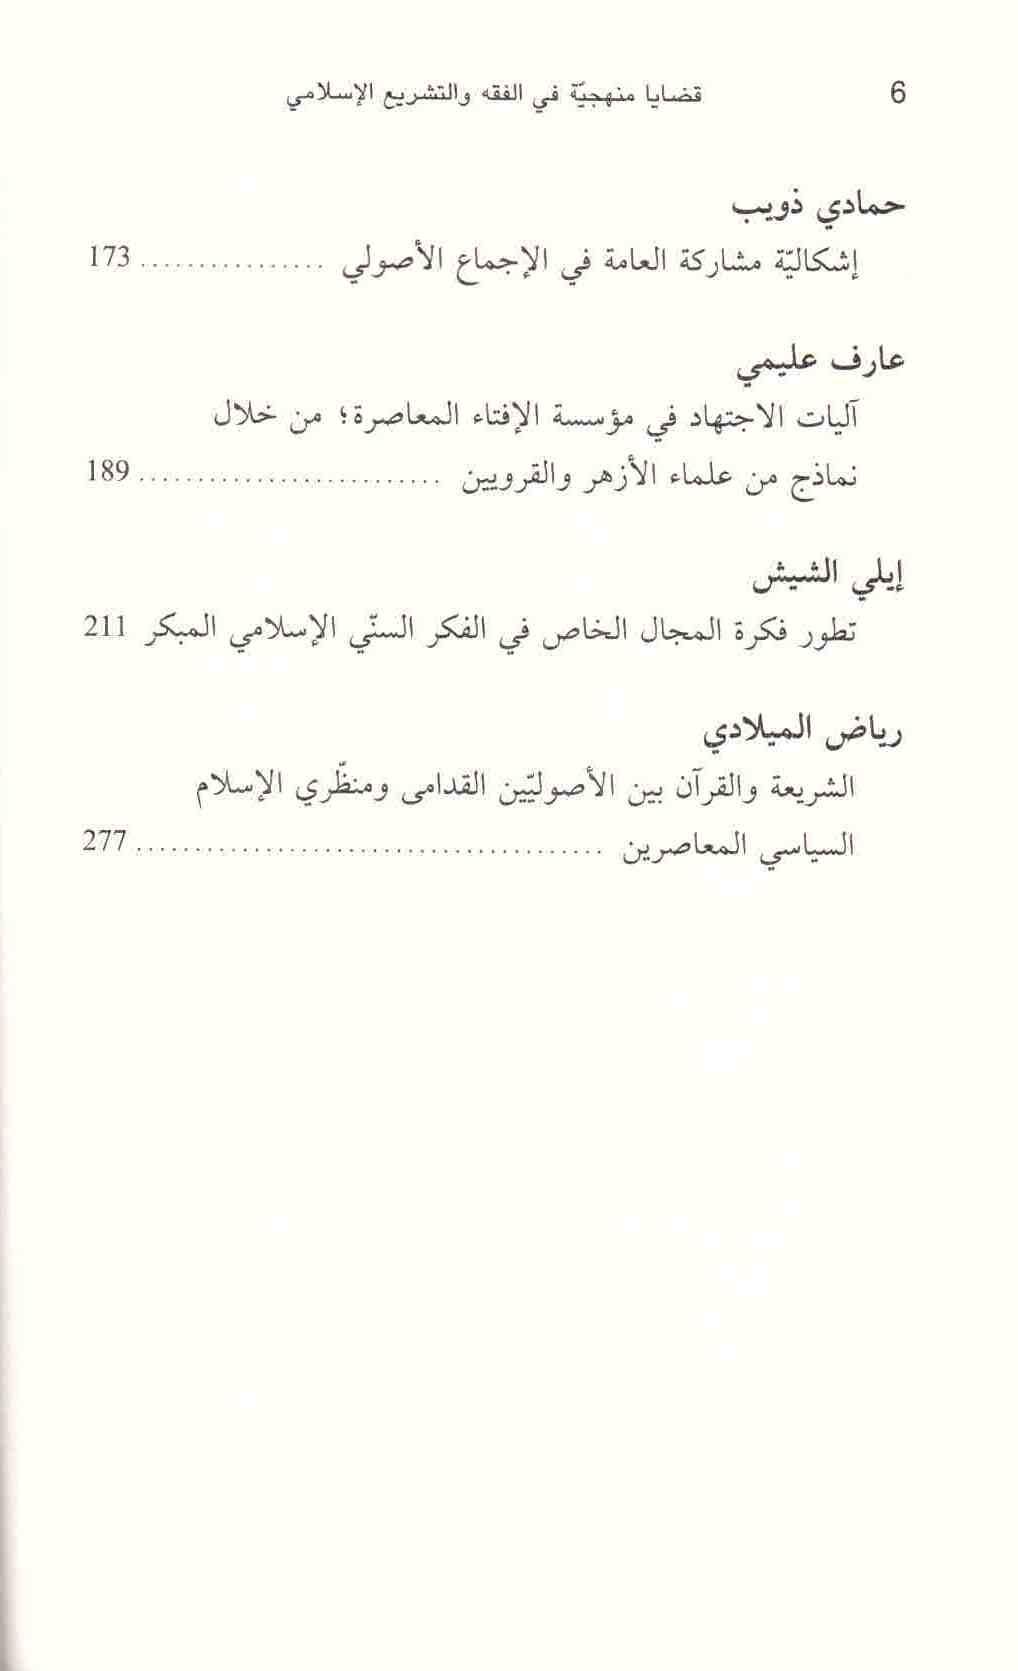 ص 6 محتويات كتاب قضايا منهجية في الفقه والتشريع الإسلامي